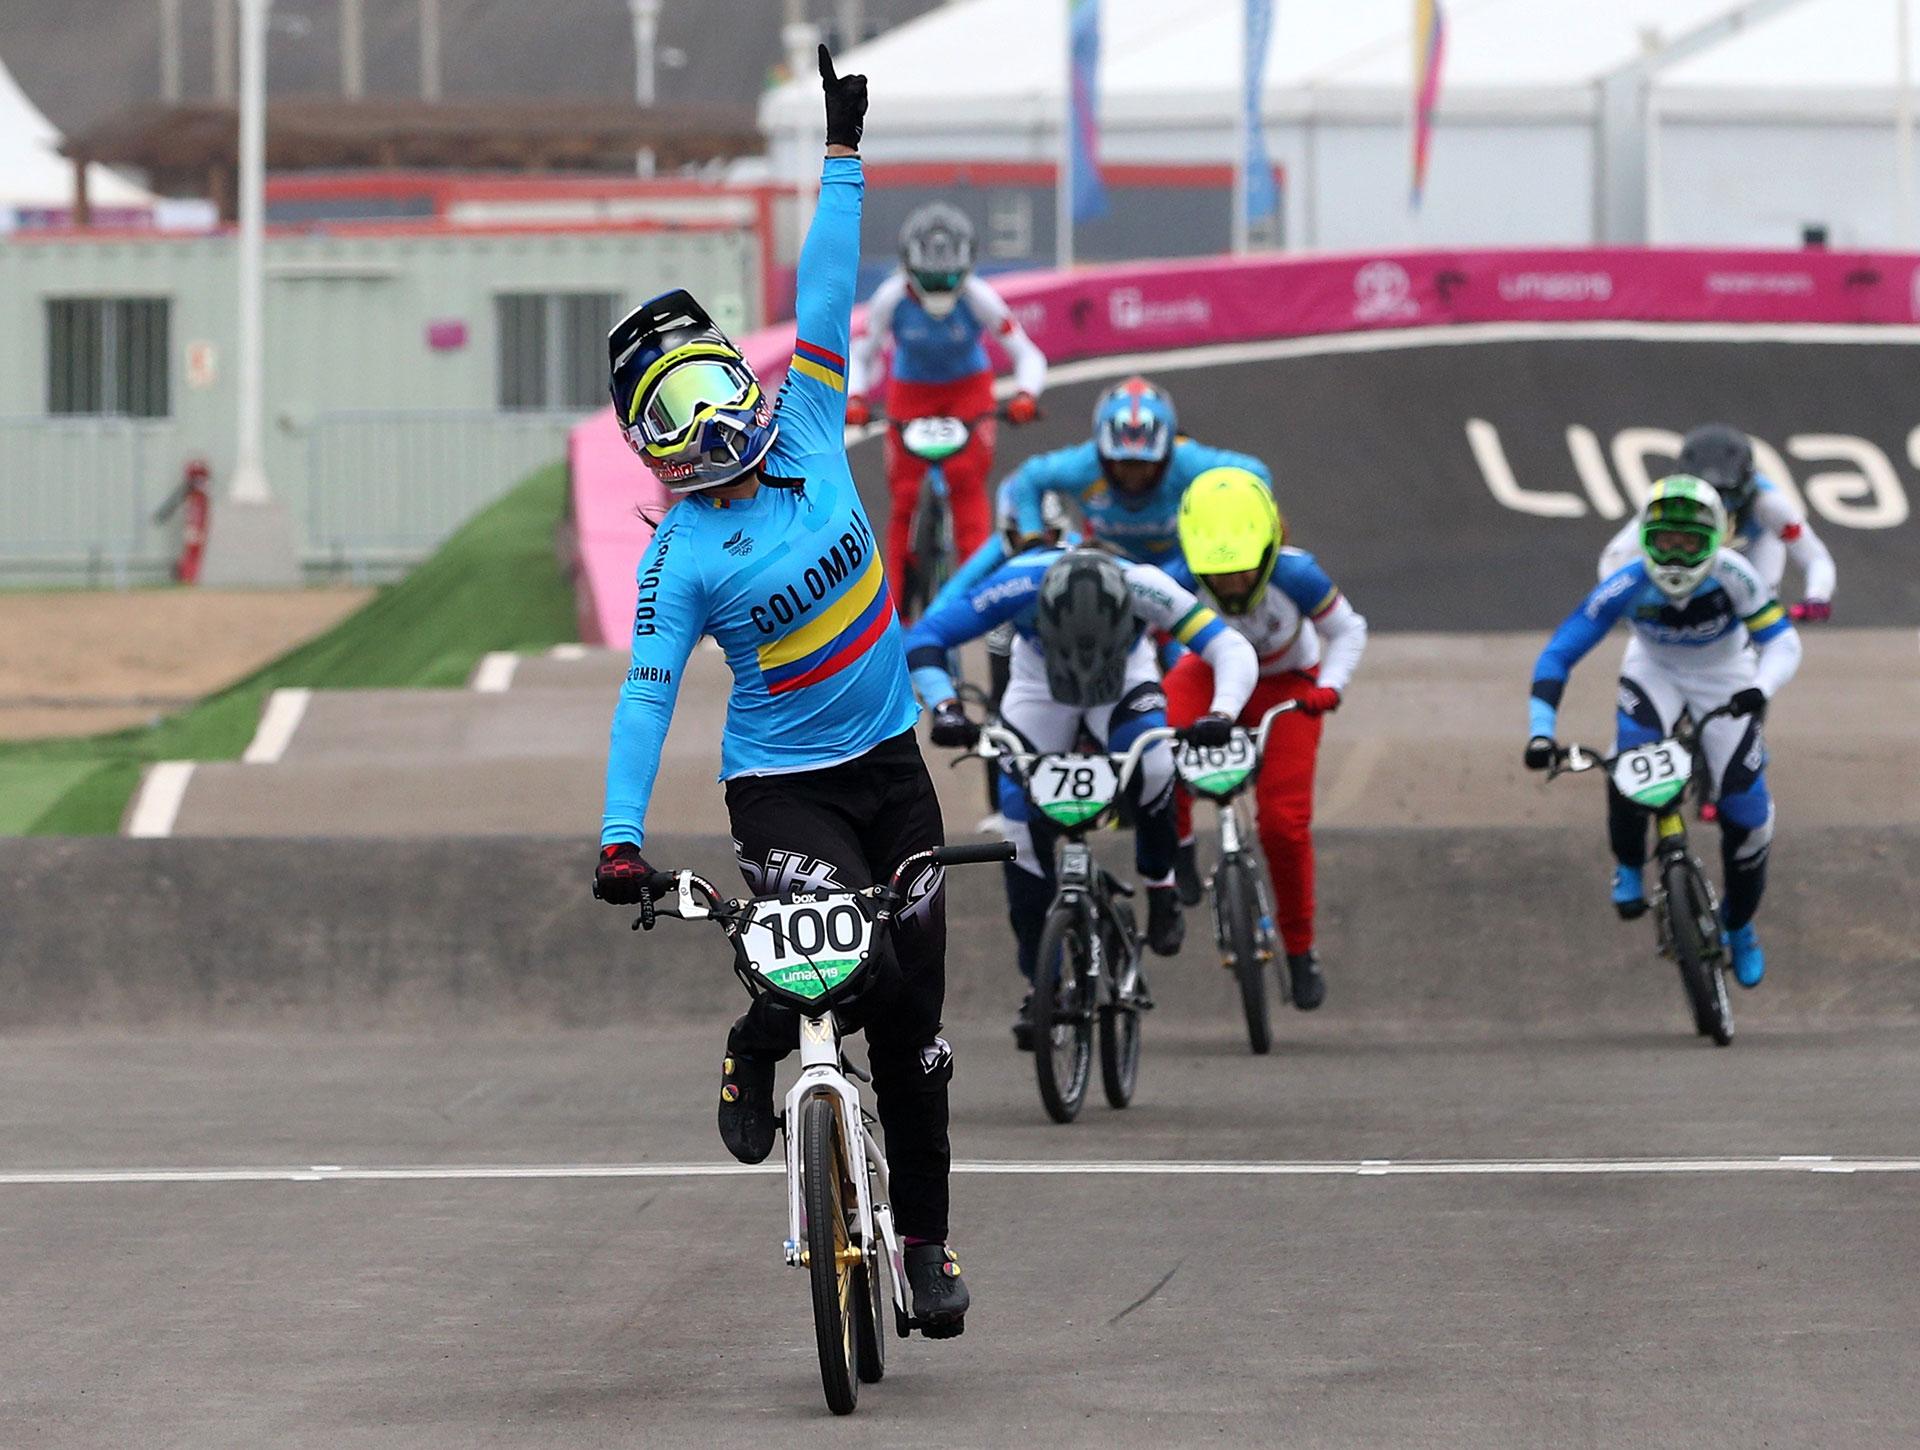 La colombiana Mariana Pajon se impuso en BMX